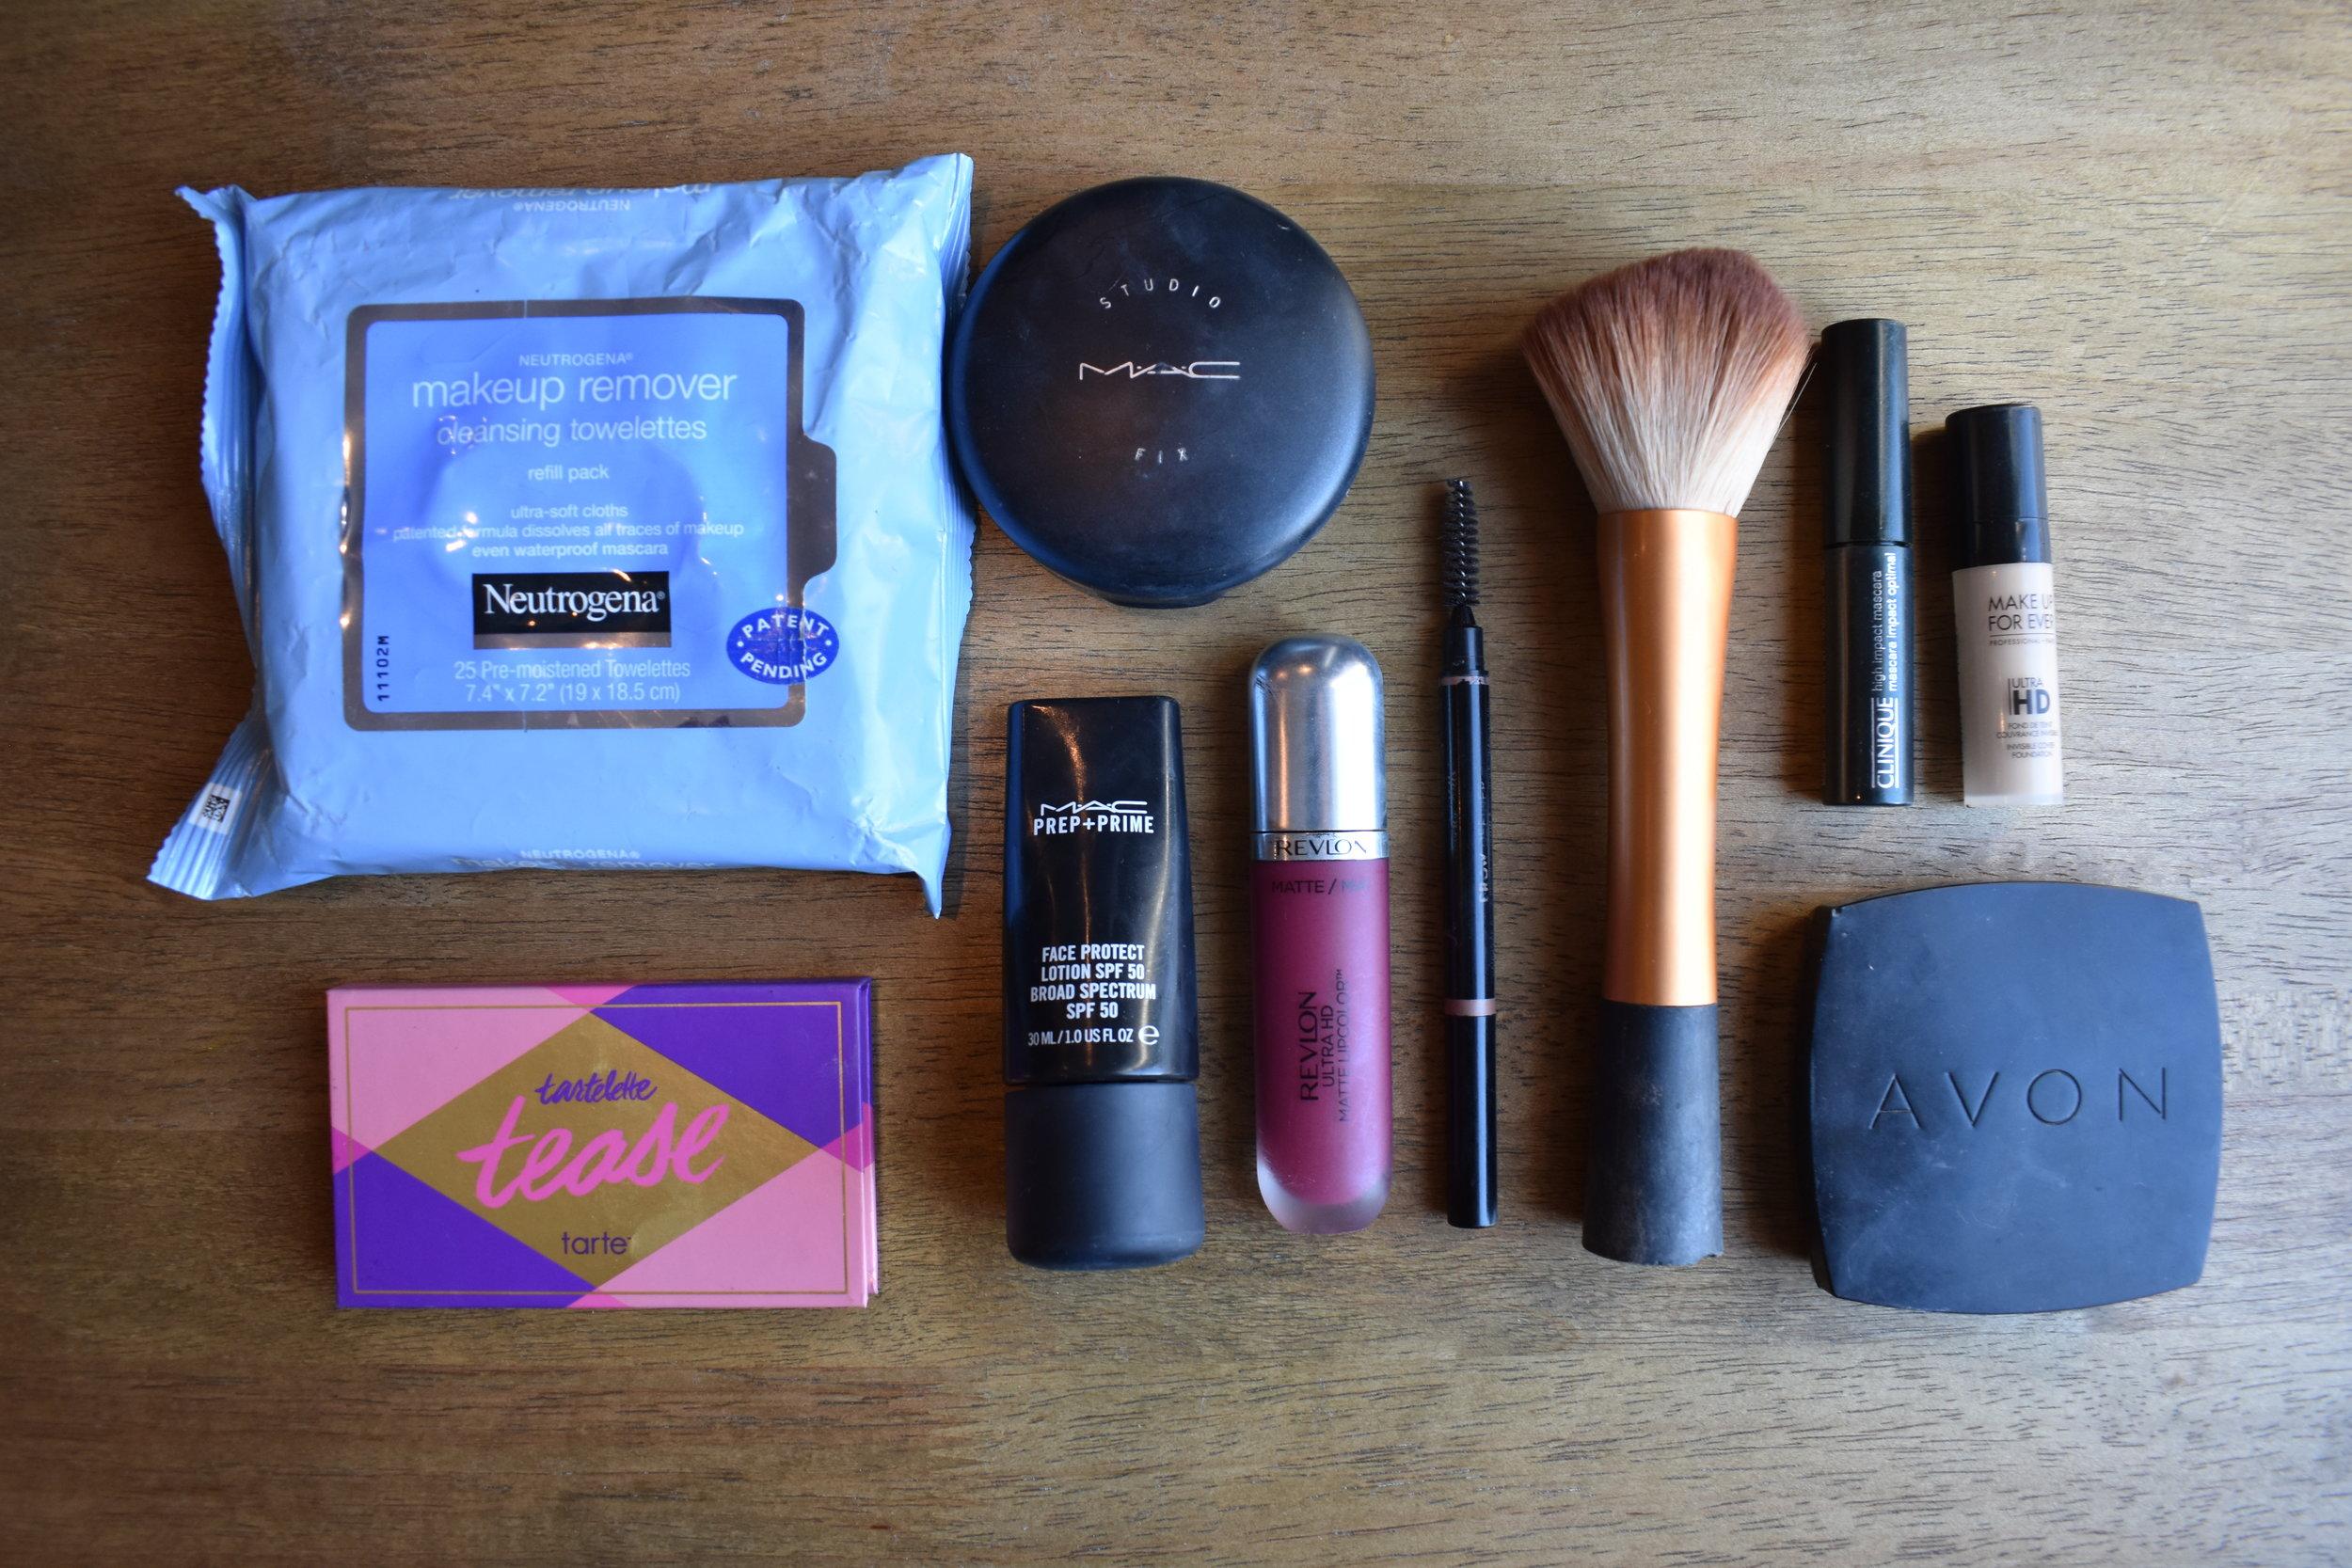 Itens de Maquiagem: você pode levar na sua bagagem de mão desde que tenha até 100ml.